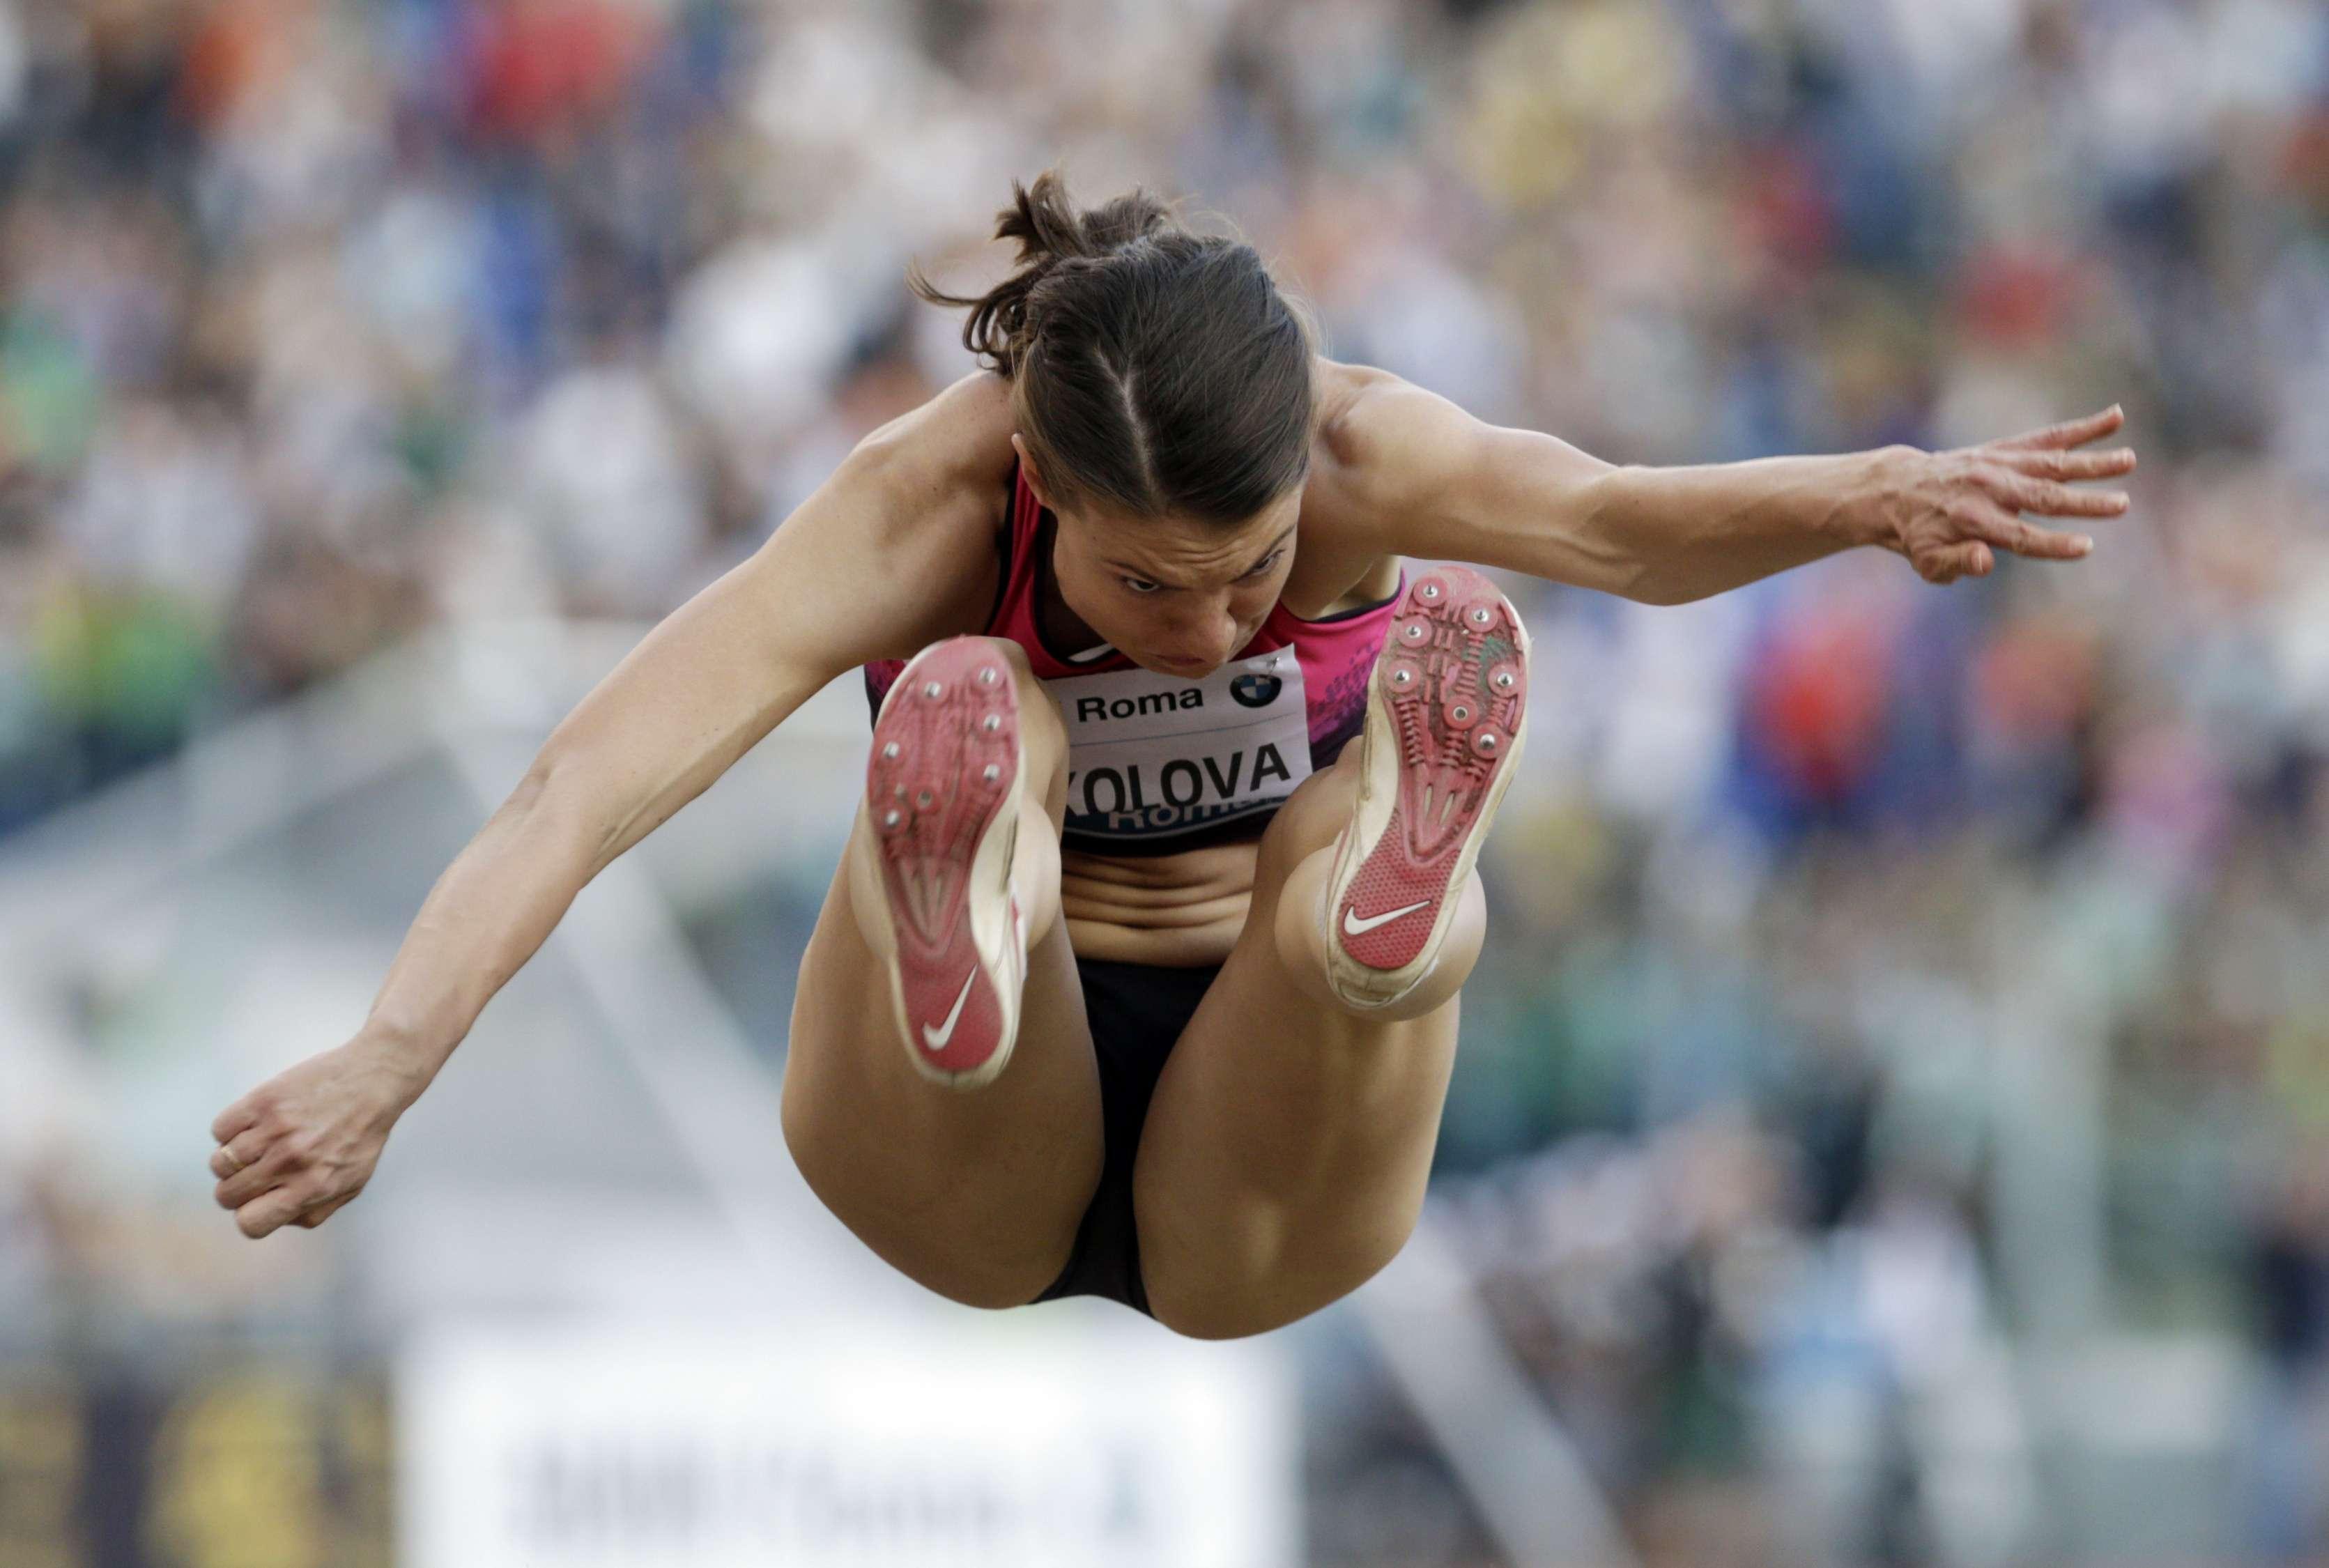 Rusia sigue suspendida del atletismo internacional